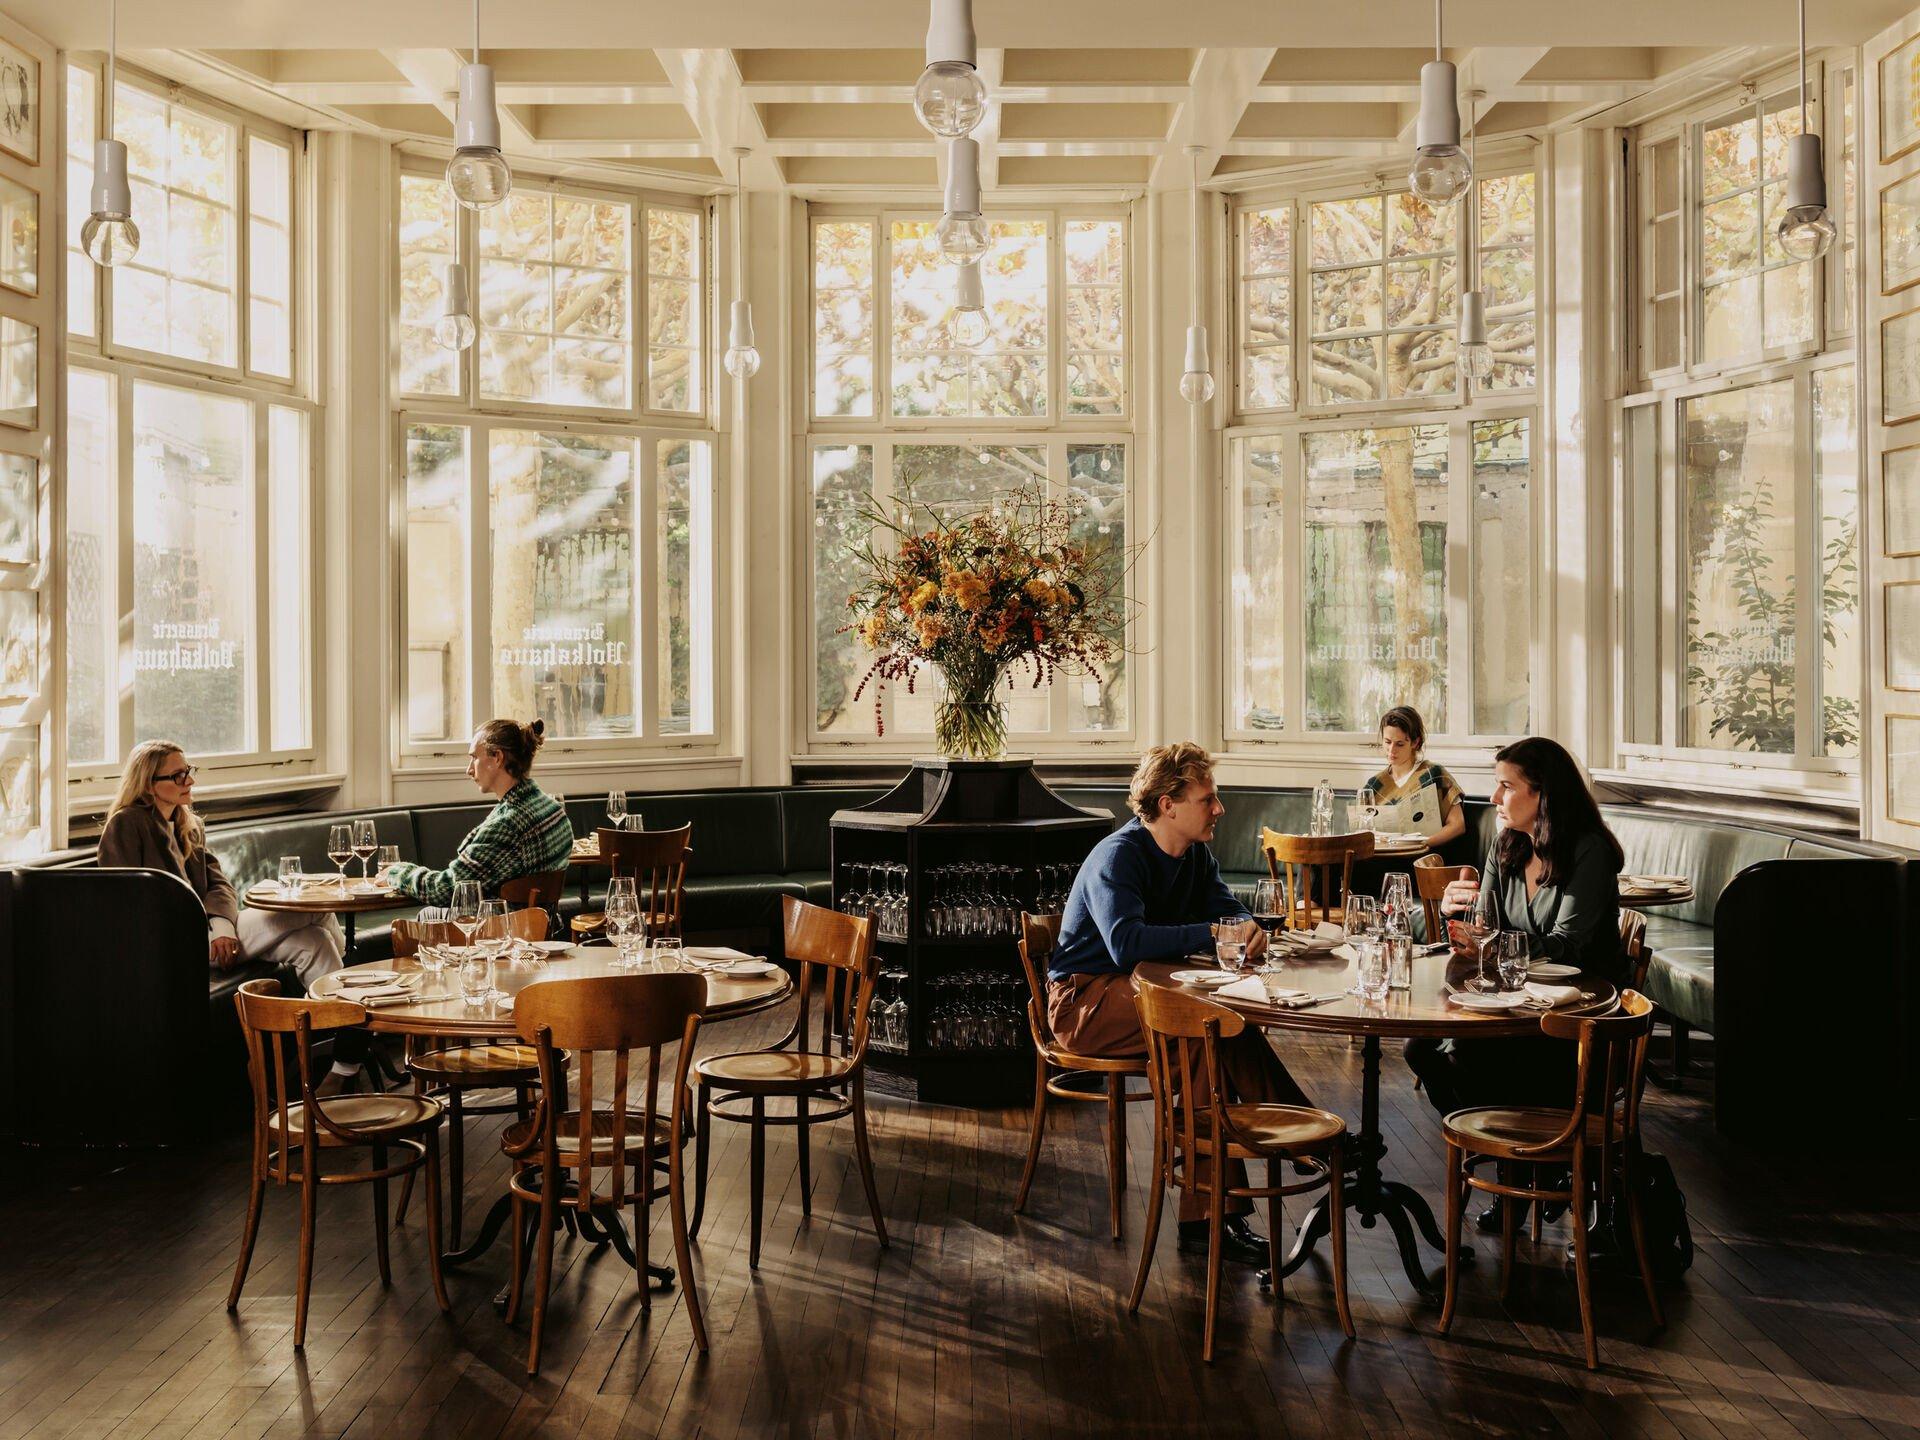 Ein Fixpunkt in Basel ist die französisch inspirierte Brasserie im Volkshaus Basel. Im von Herzog & de Meuron designten Restaurant werden Rindstatar, der vegane Beyond-Burger oder das klassische Steak frites serviert. Gratistipp: In der Bar nebenan gibt es köstliche Cocktails!